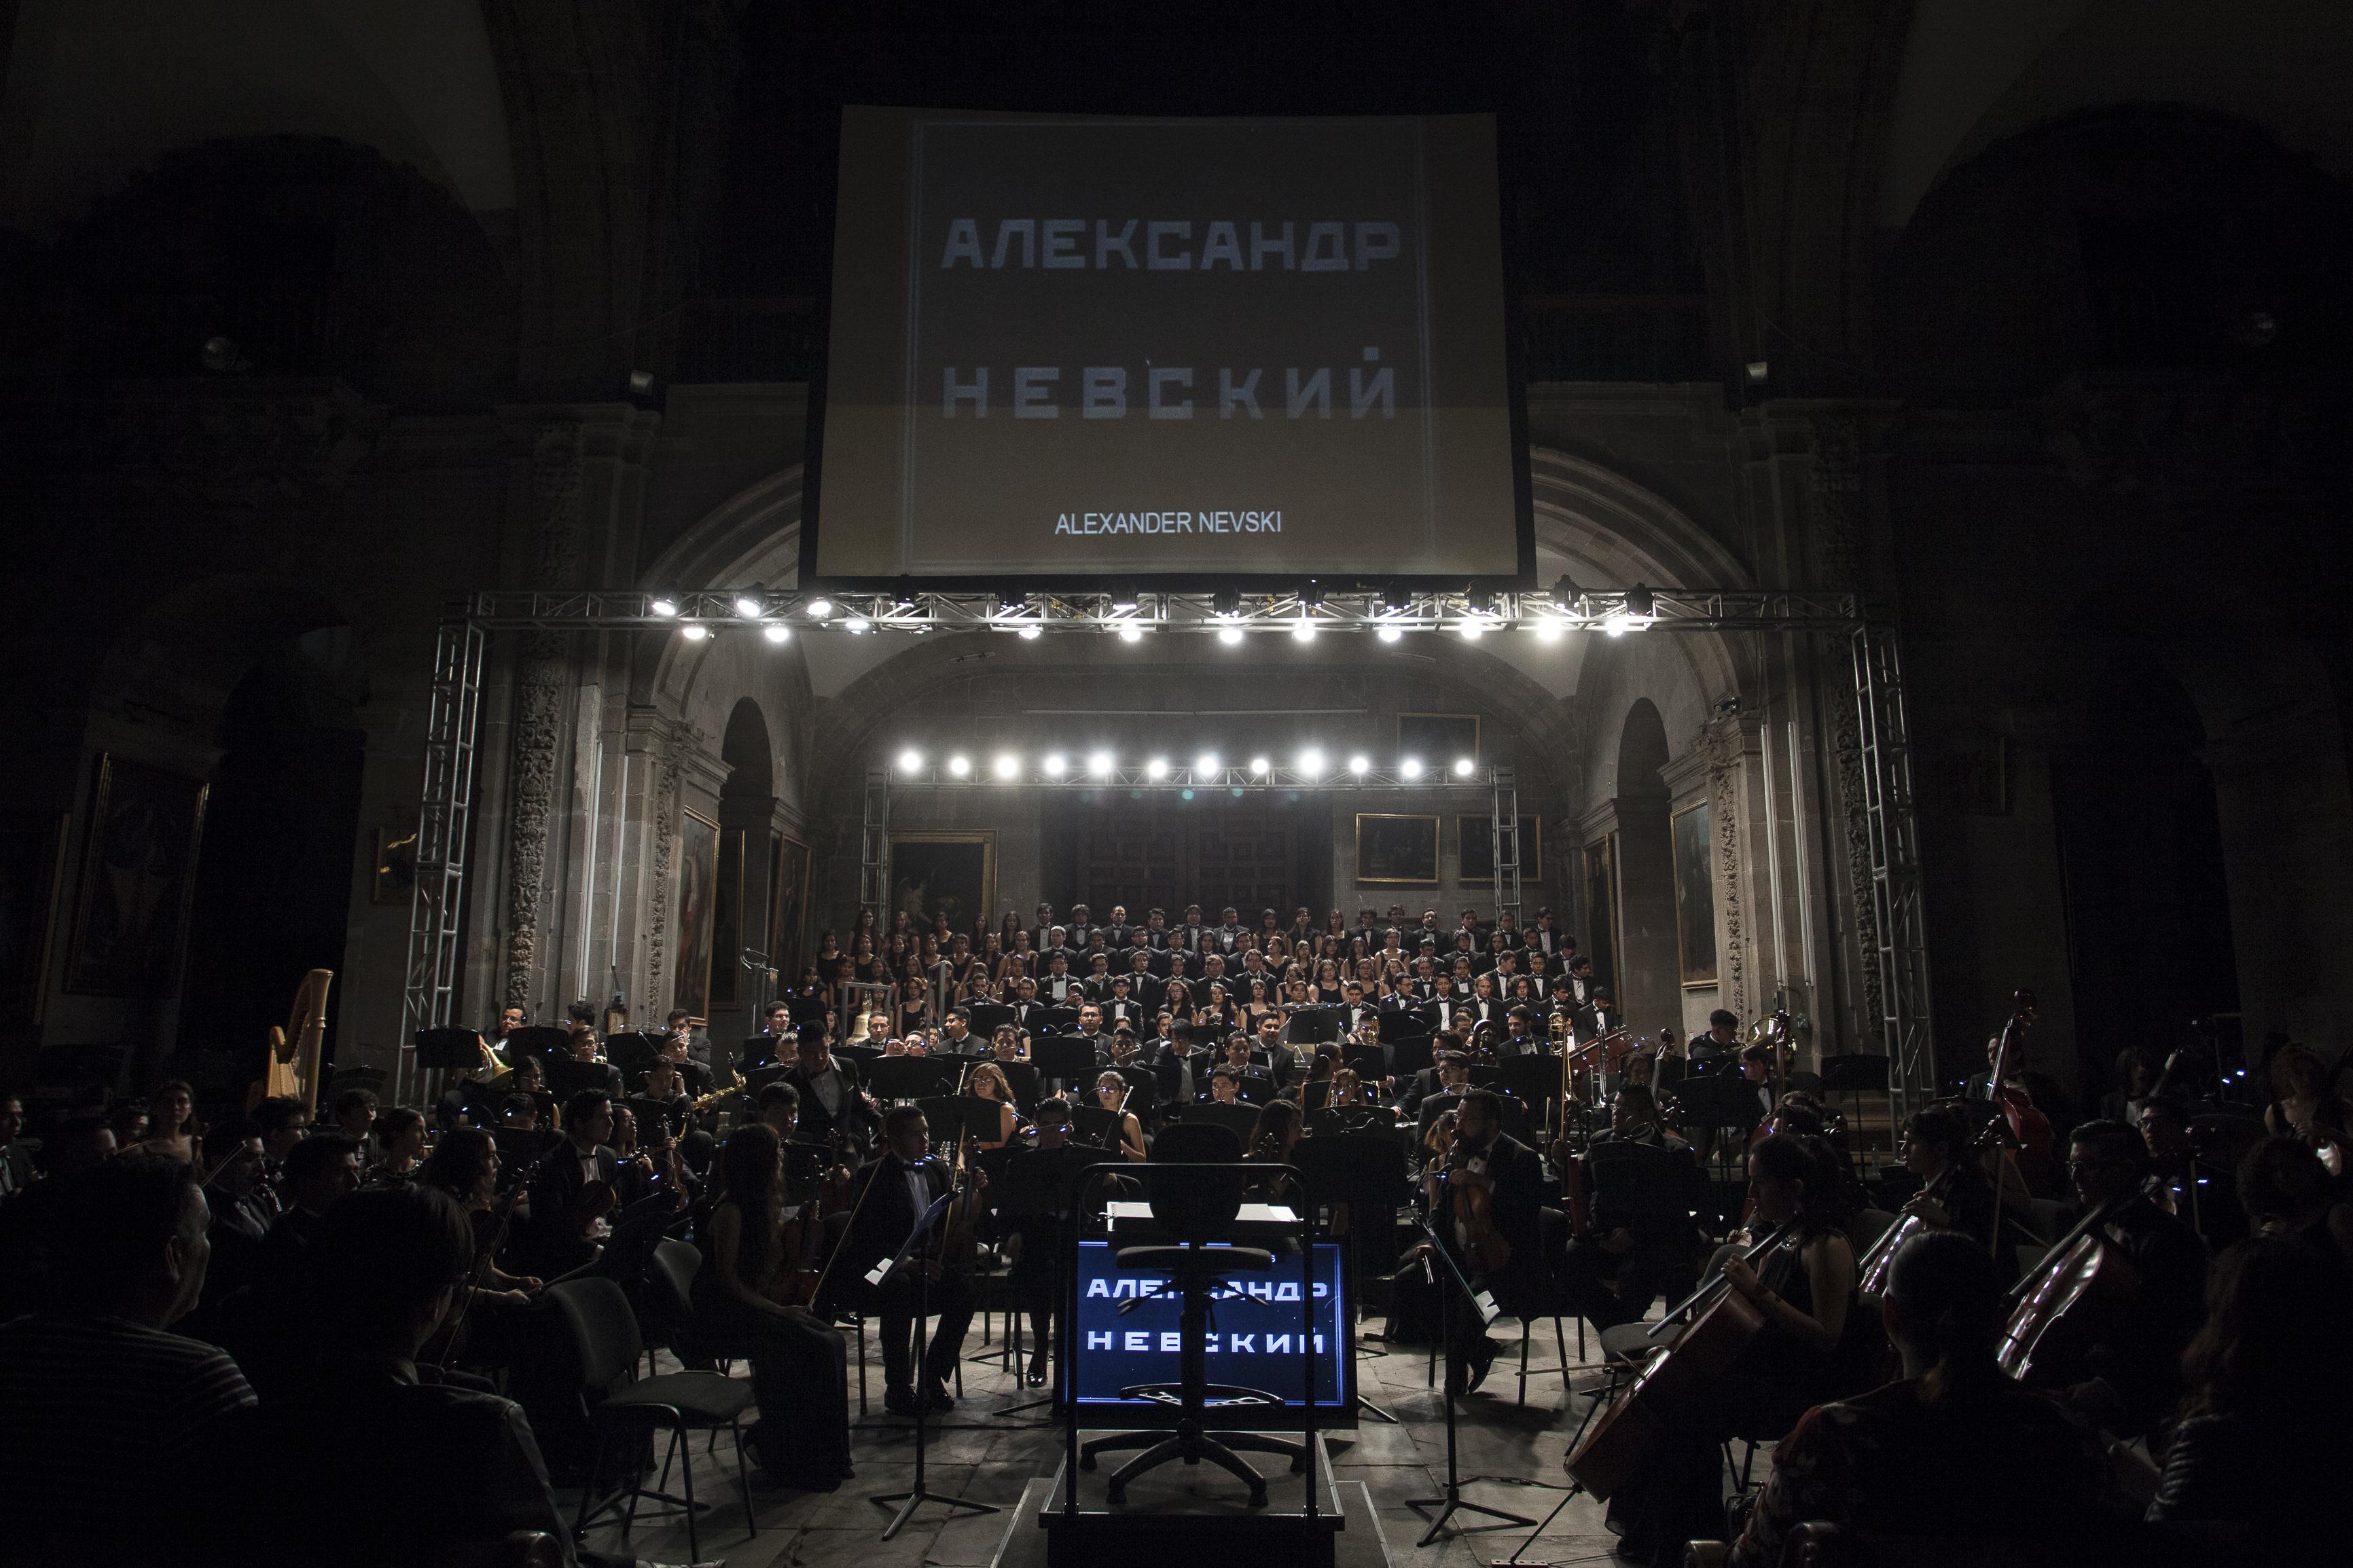 Orquestas y ensambles  Alexander Nevsky de Eisenstein Orquesta Sinfónica Juv-(fic)-CJA-9572_0